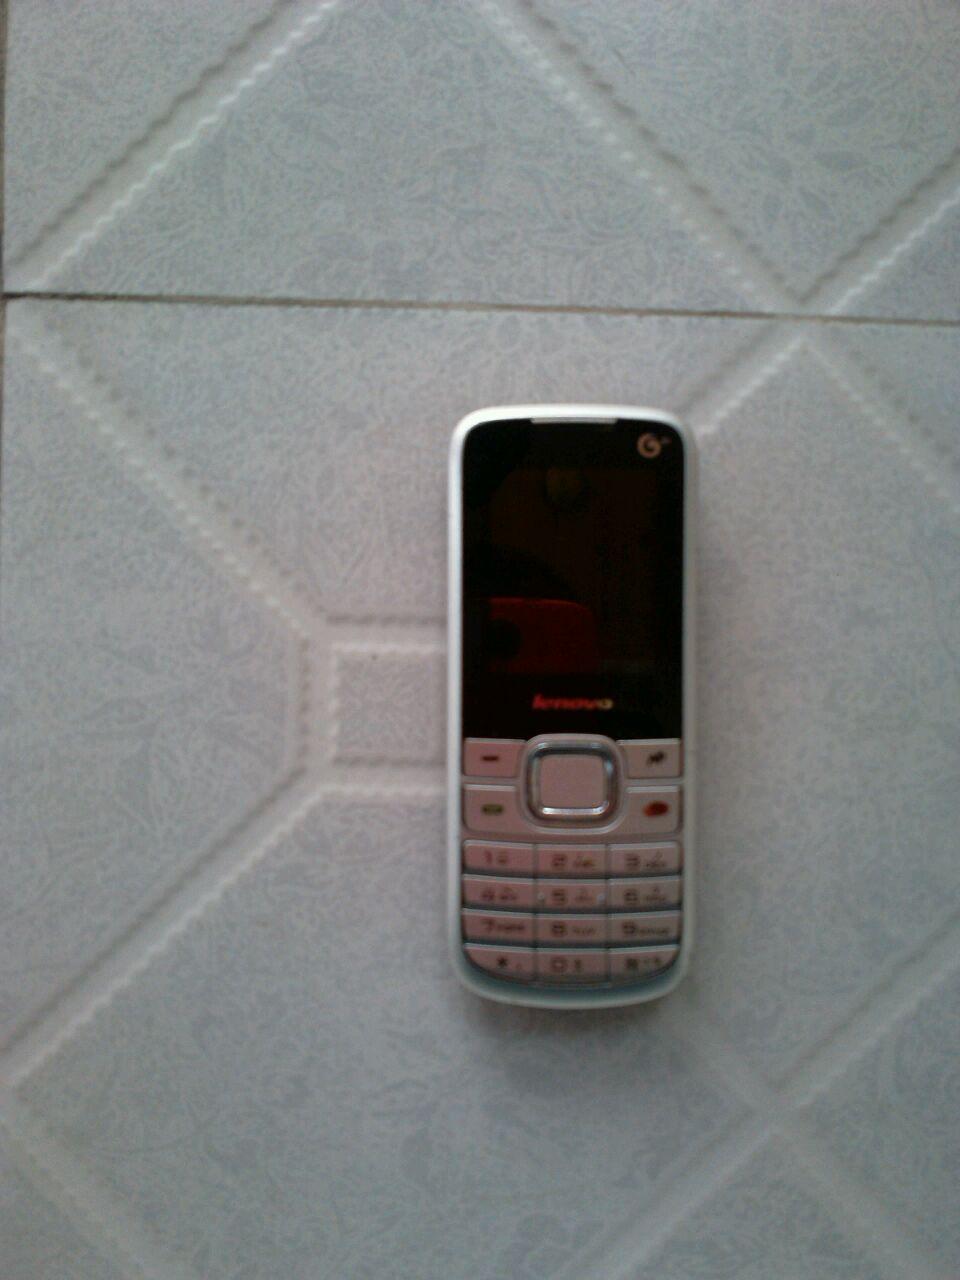 8成新手机联想TD106